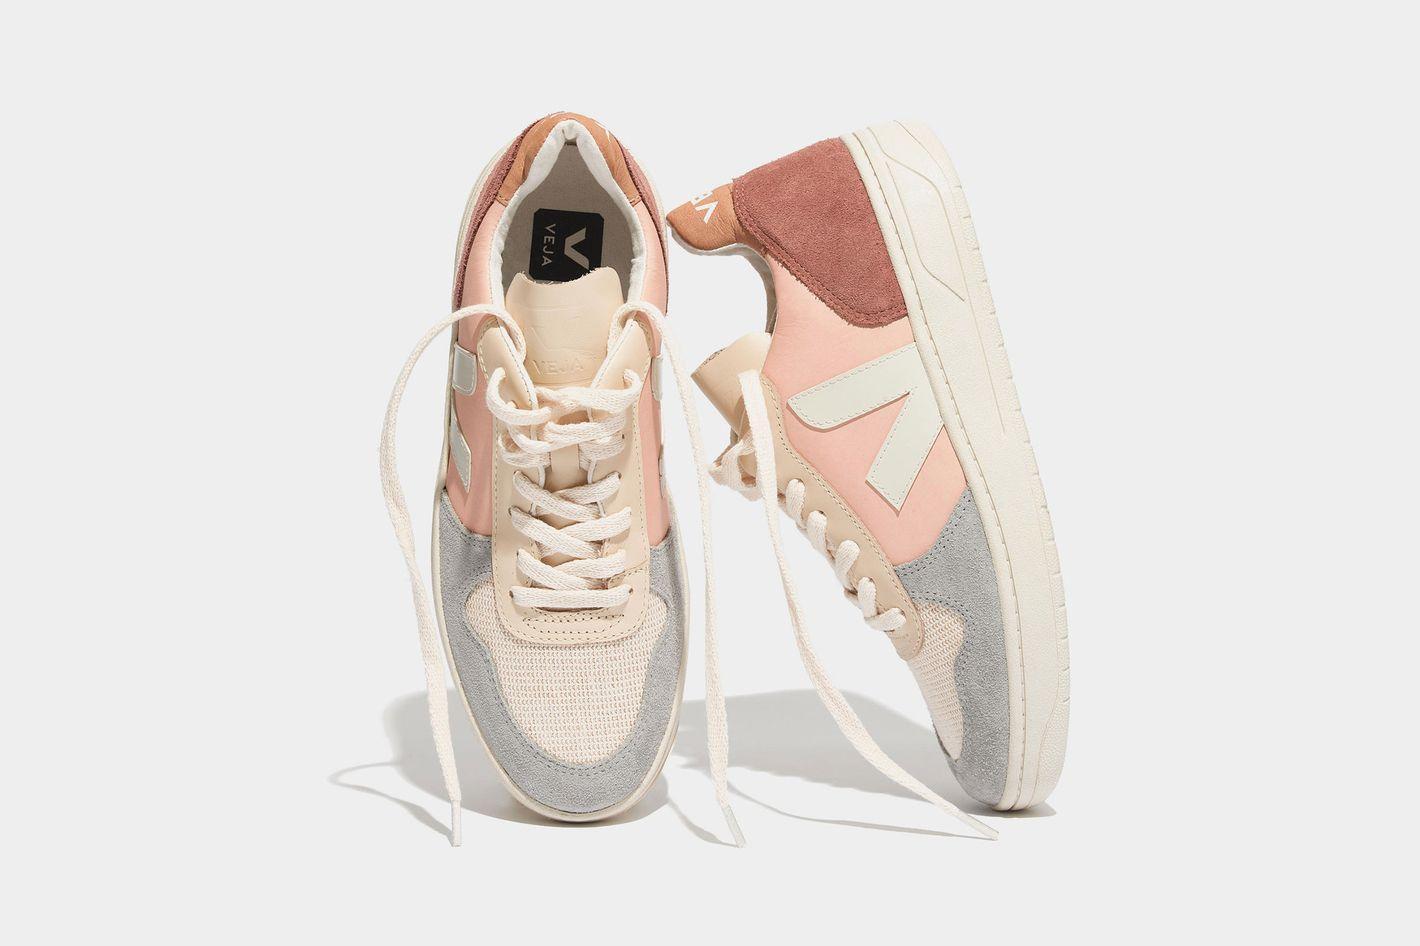 Veja V-10 Colorblock Sneakers